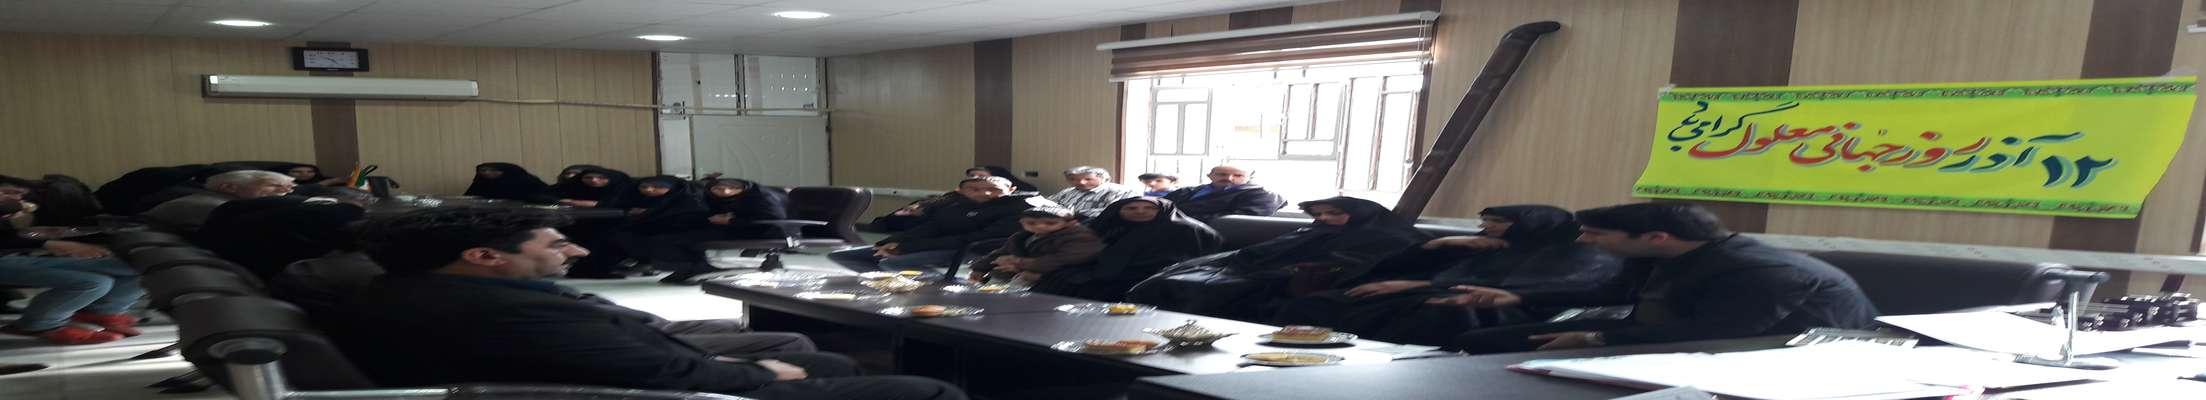  ✅دیدار مهندس چراغی پور شهردار پلدختر با جمعی از  معلولین شهرستان به مناسبت ۱۲ آذر روز  جهانی معلولین